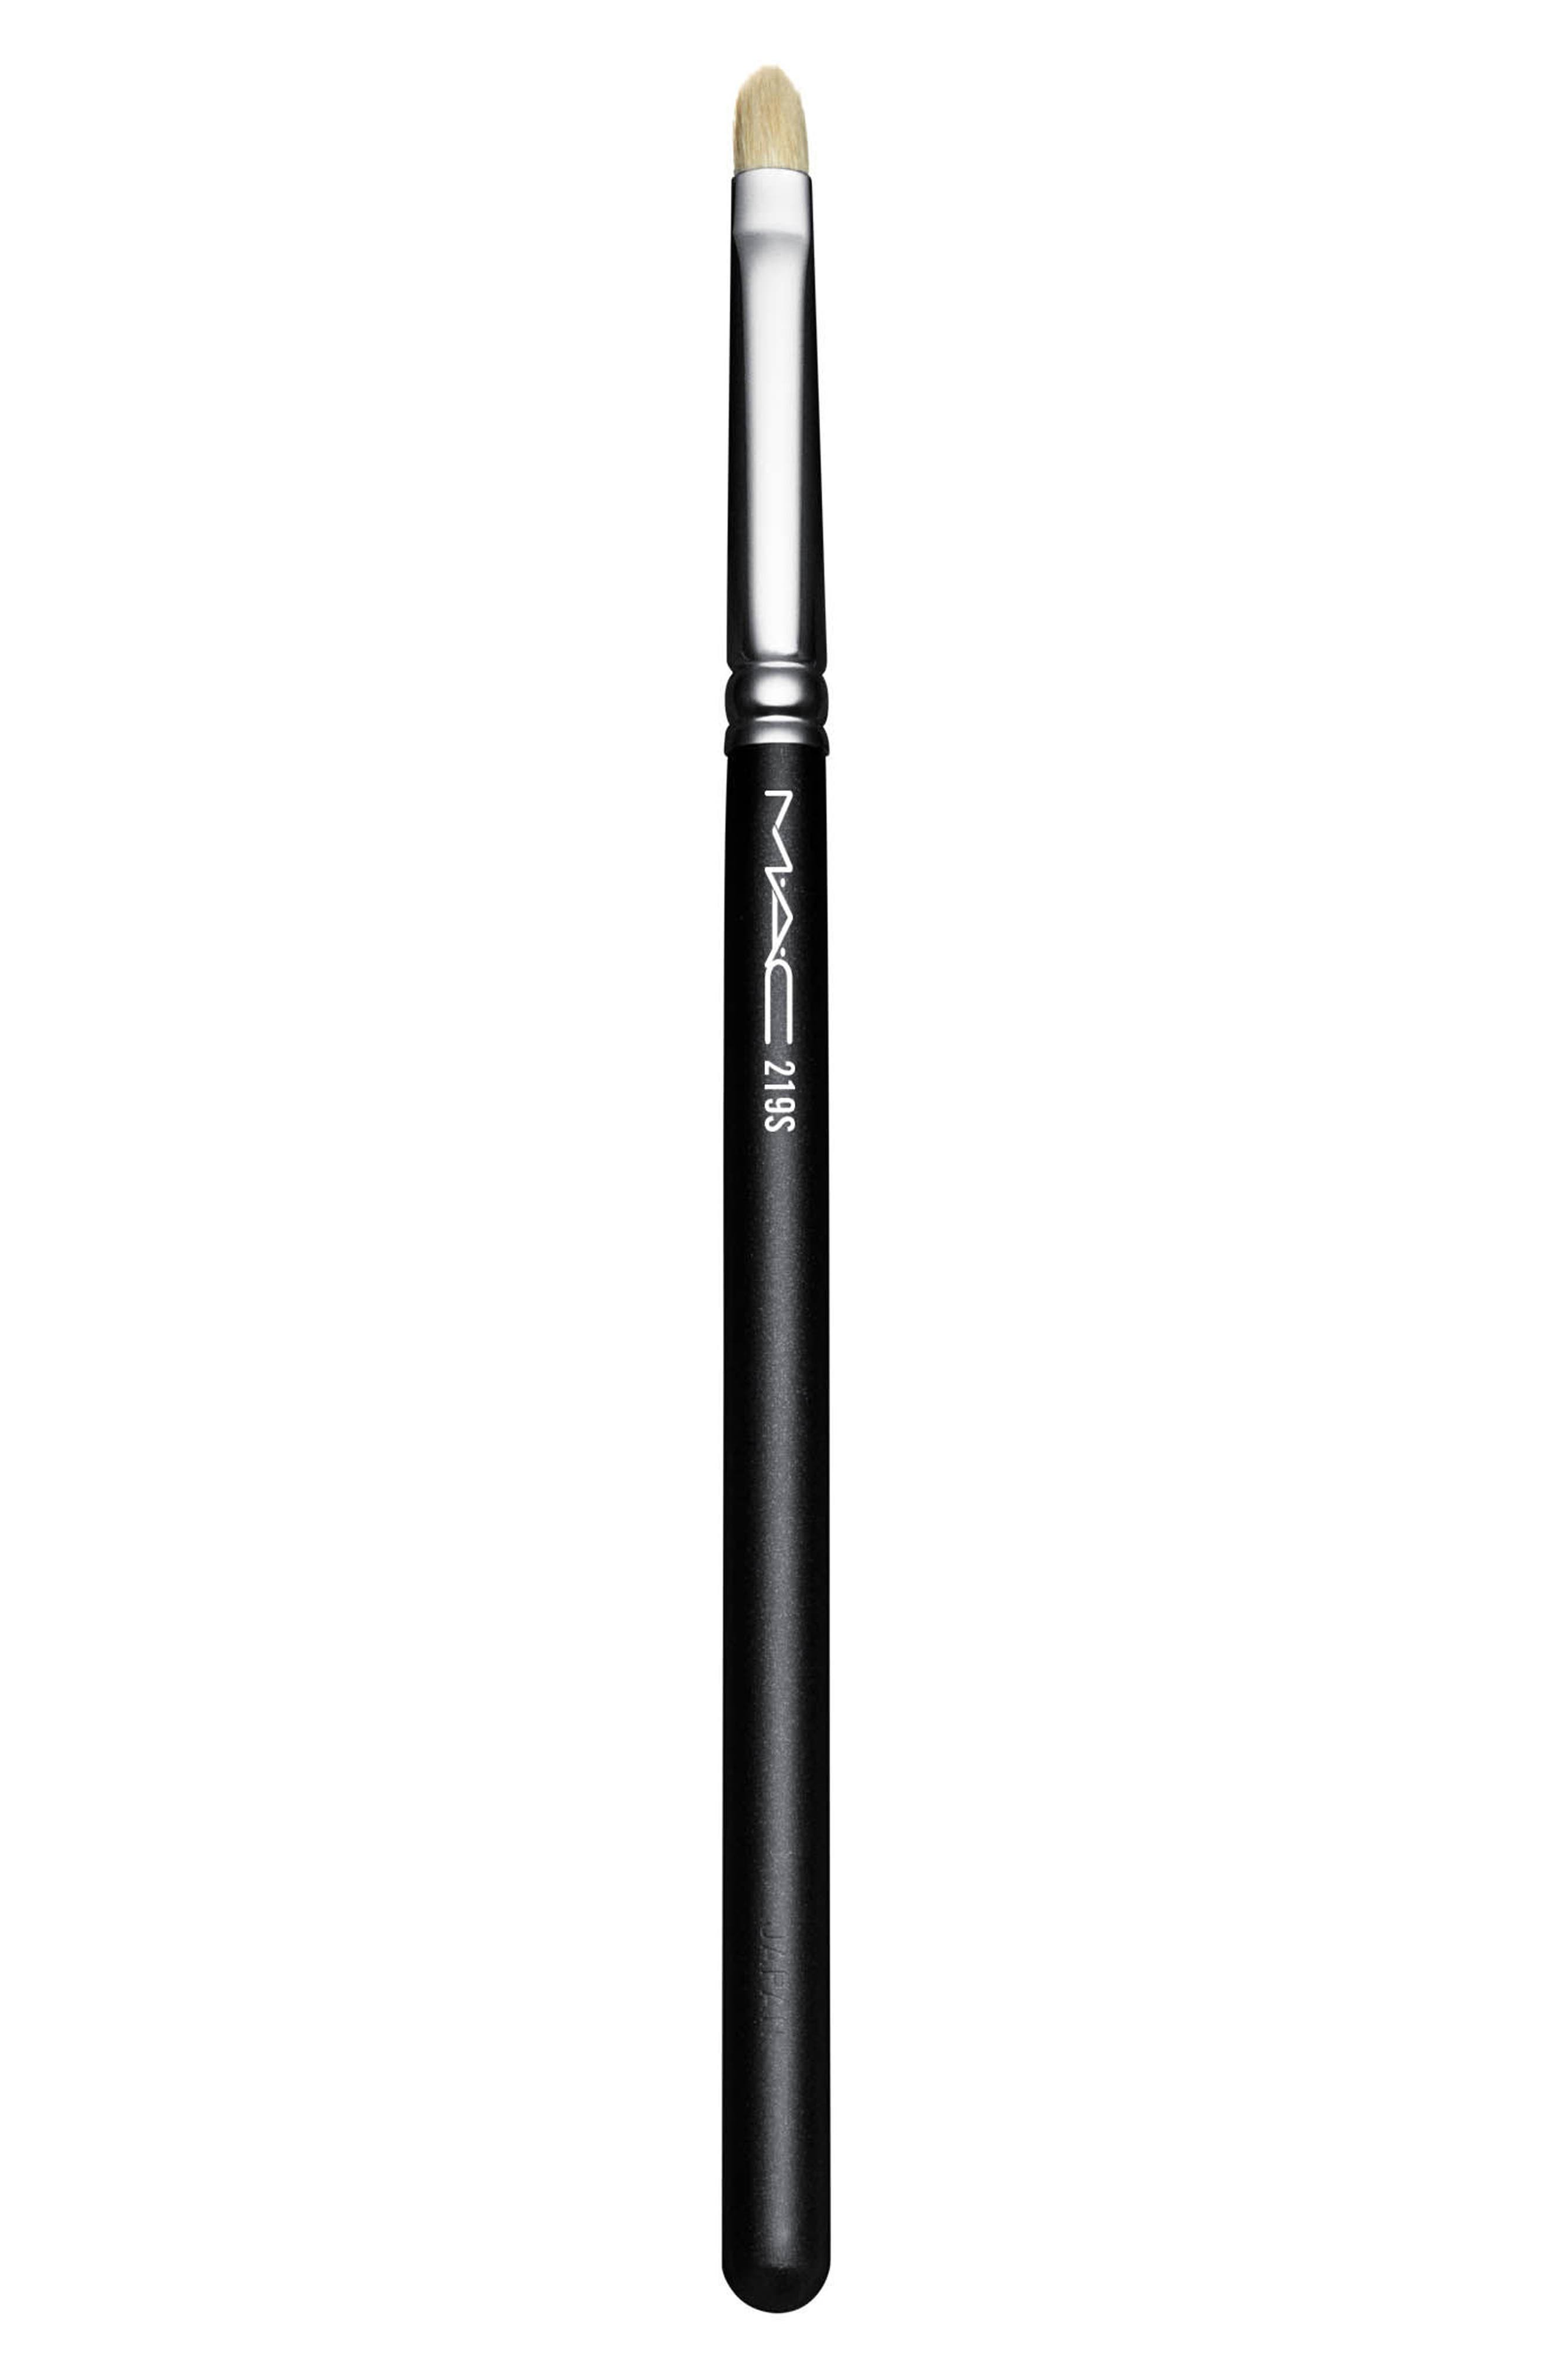 MAC 219S Pencil Brush